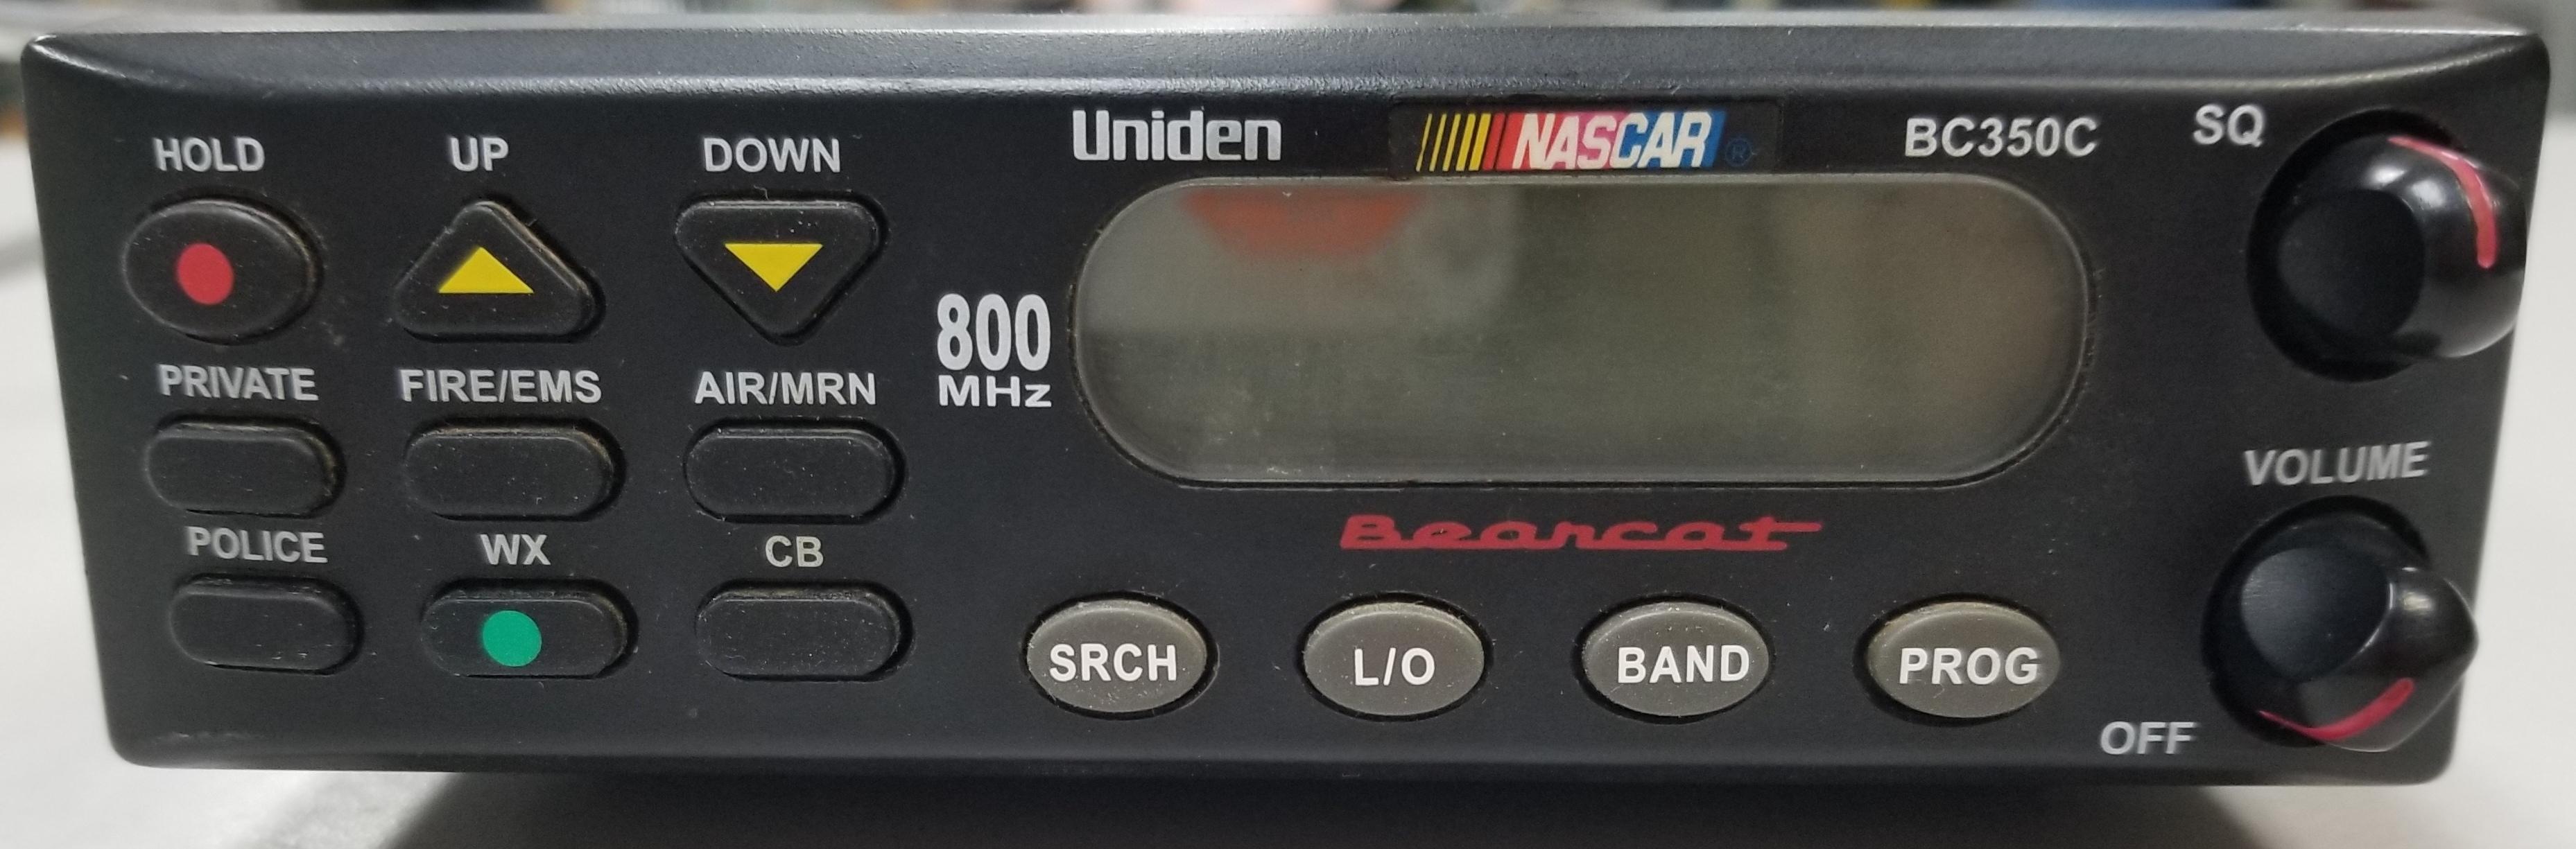 UNIDEN - BC350C - SCANNER